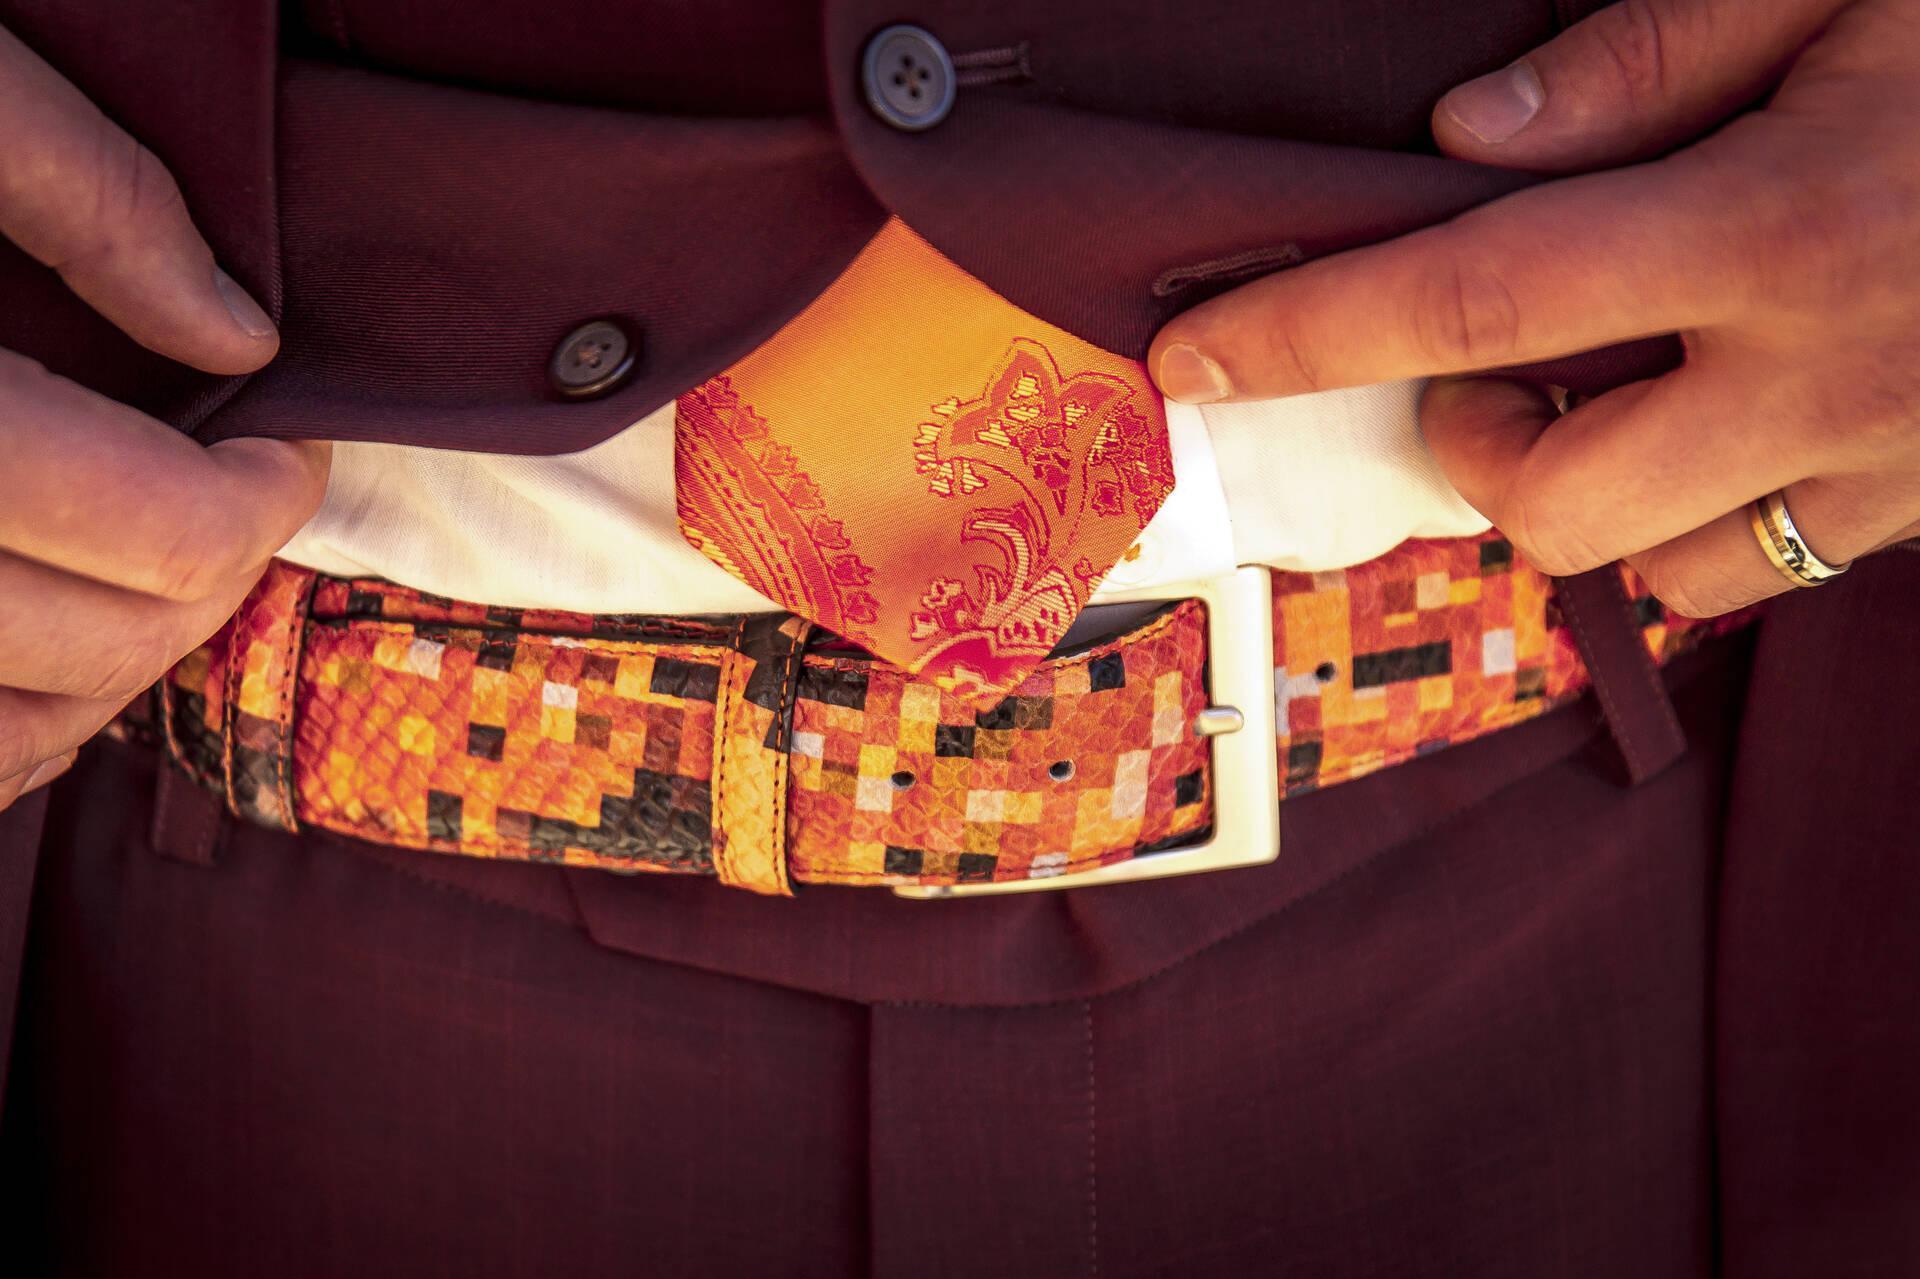 Burgundy trouwpak, oranje en kleurrijke knoopsgaten